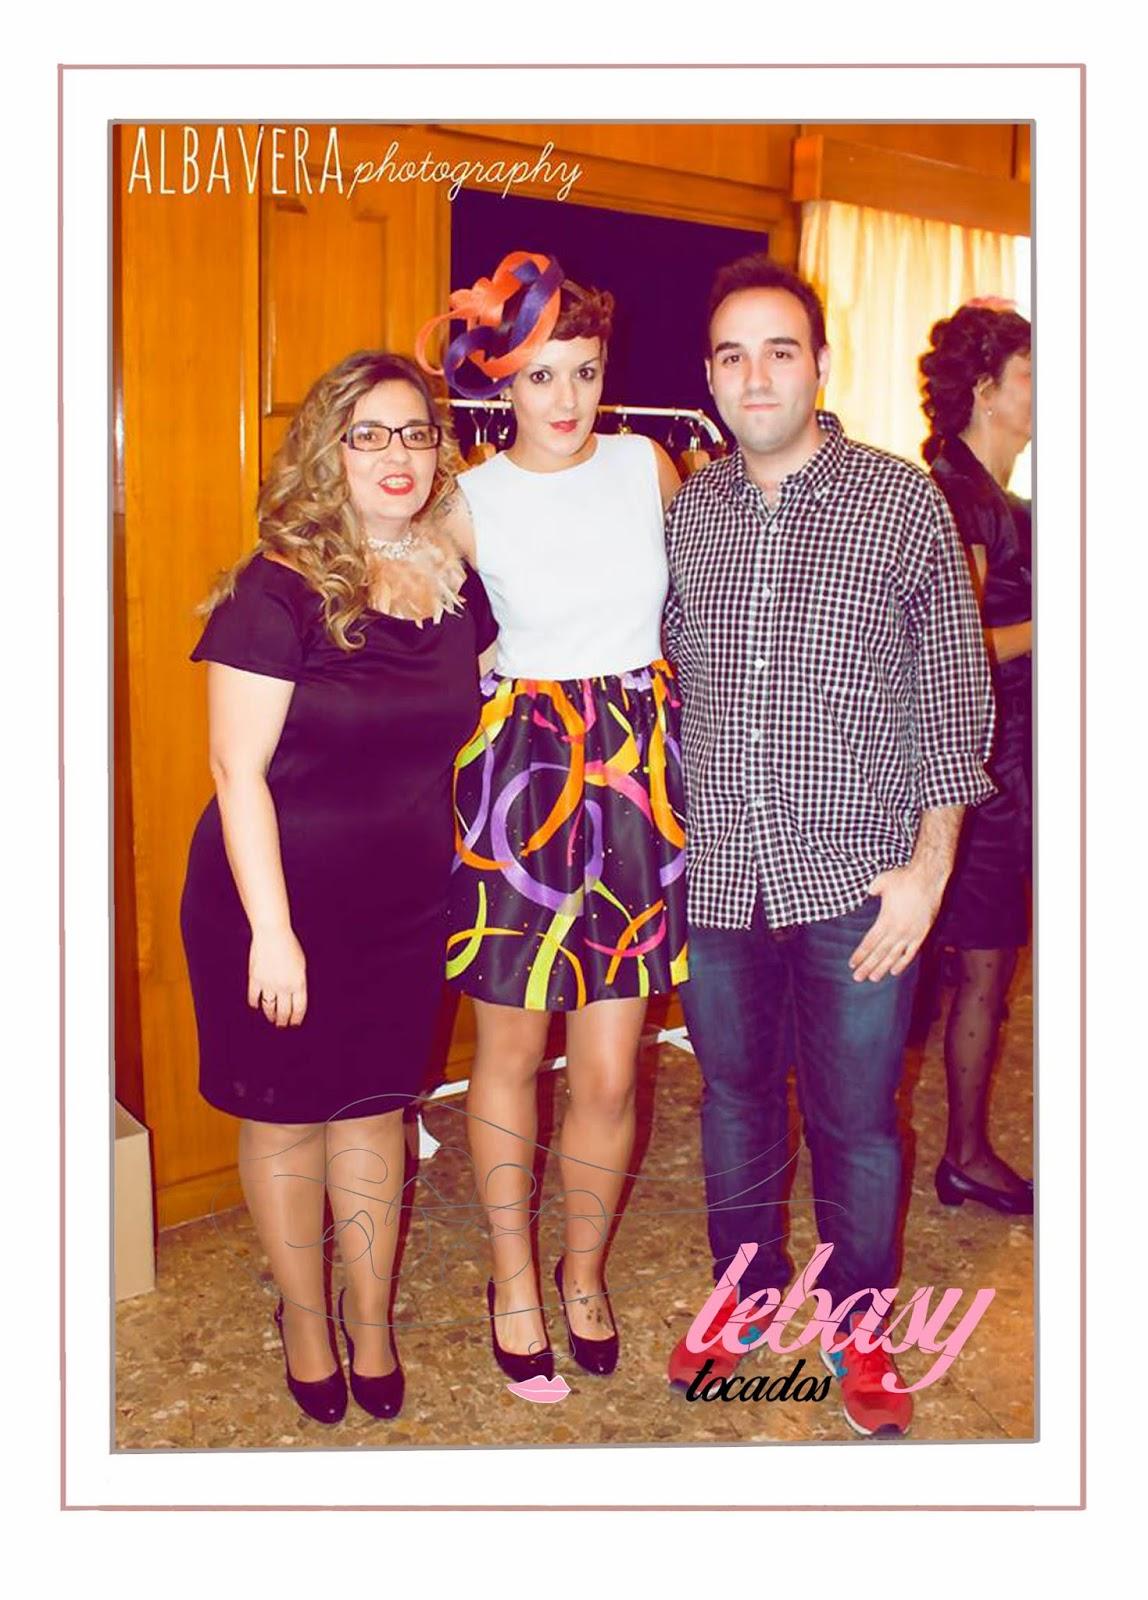 Lebasy Tocados con Alba Vera y Manuel Herreros